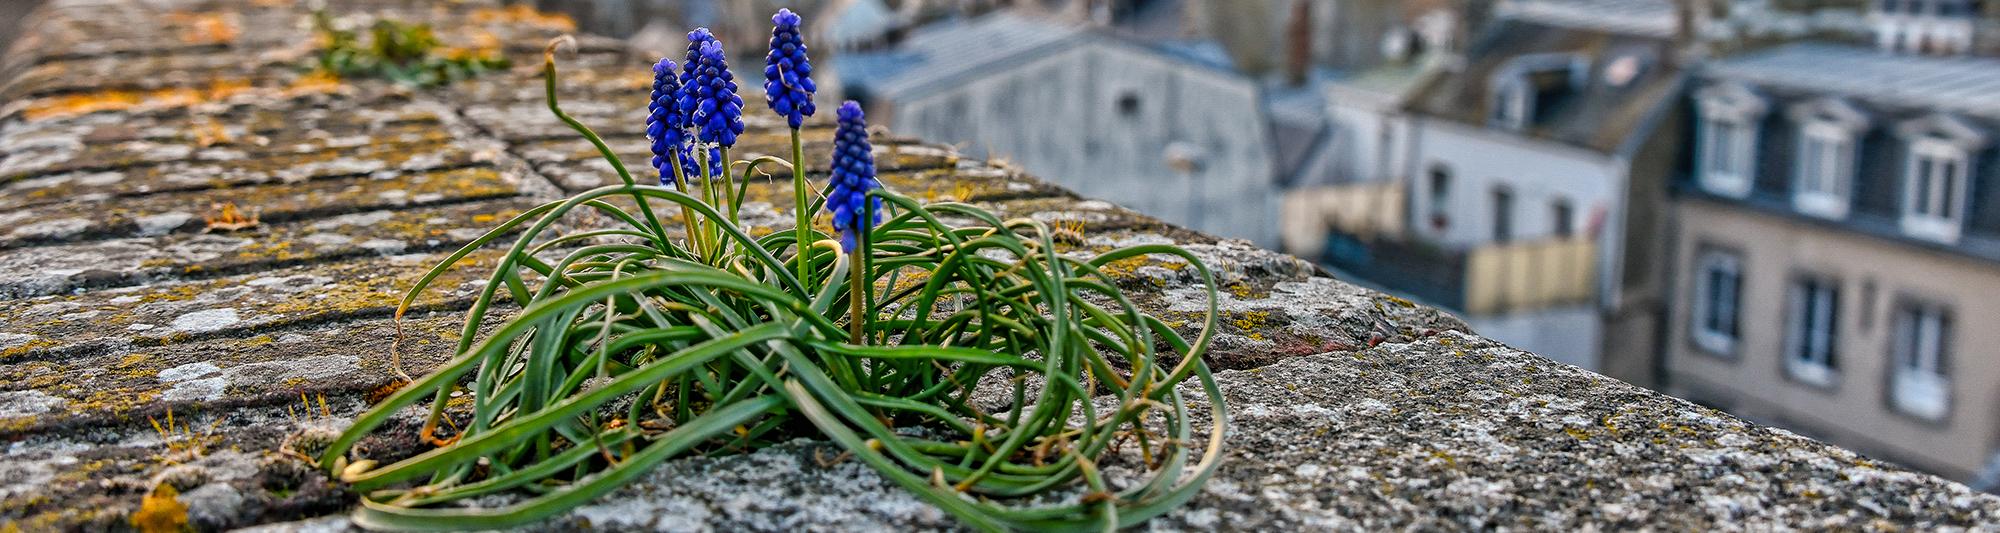 Développement durable. ©Benoit.Croisy - Coll.Ville de Granville.